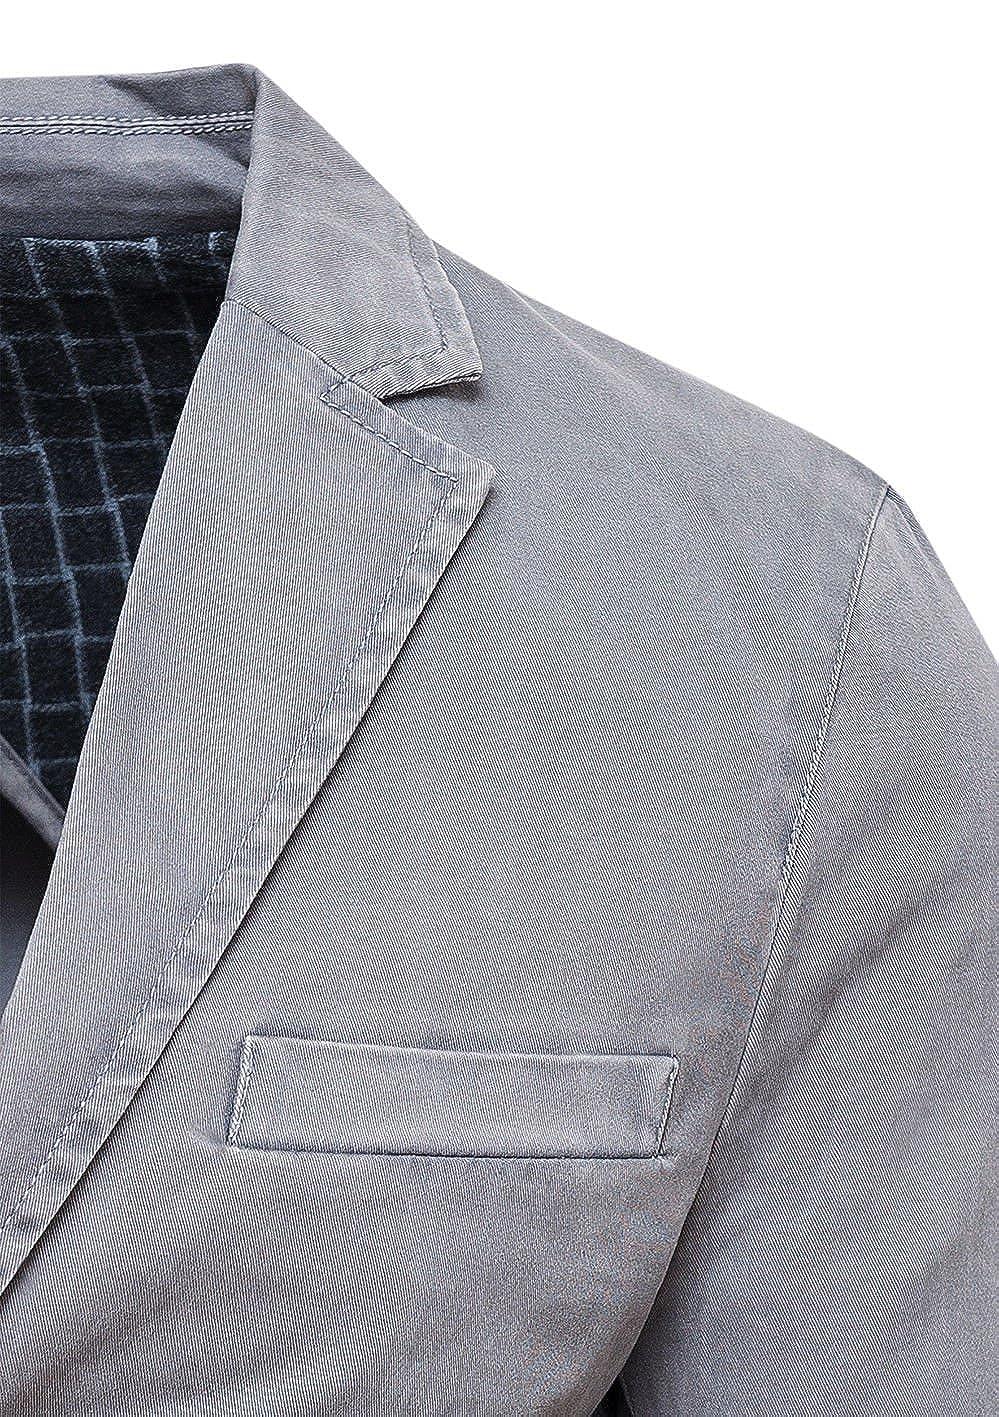 AK collezioni Blazer Giacca Uomo Grigio Slim Fit Elegante Formale Casual